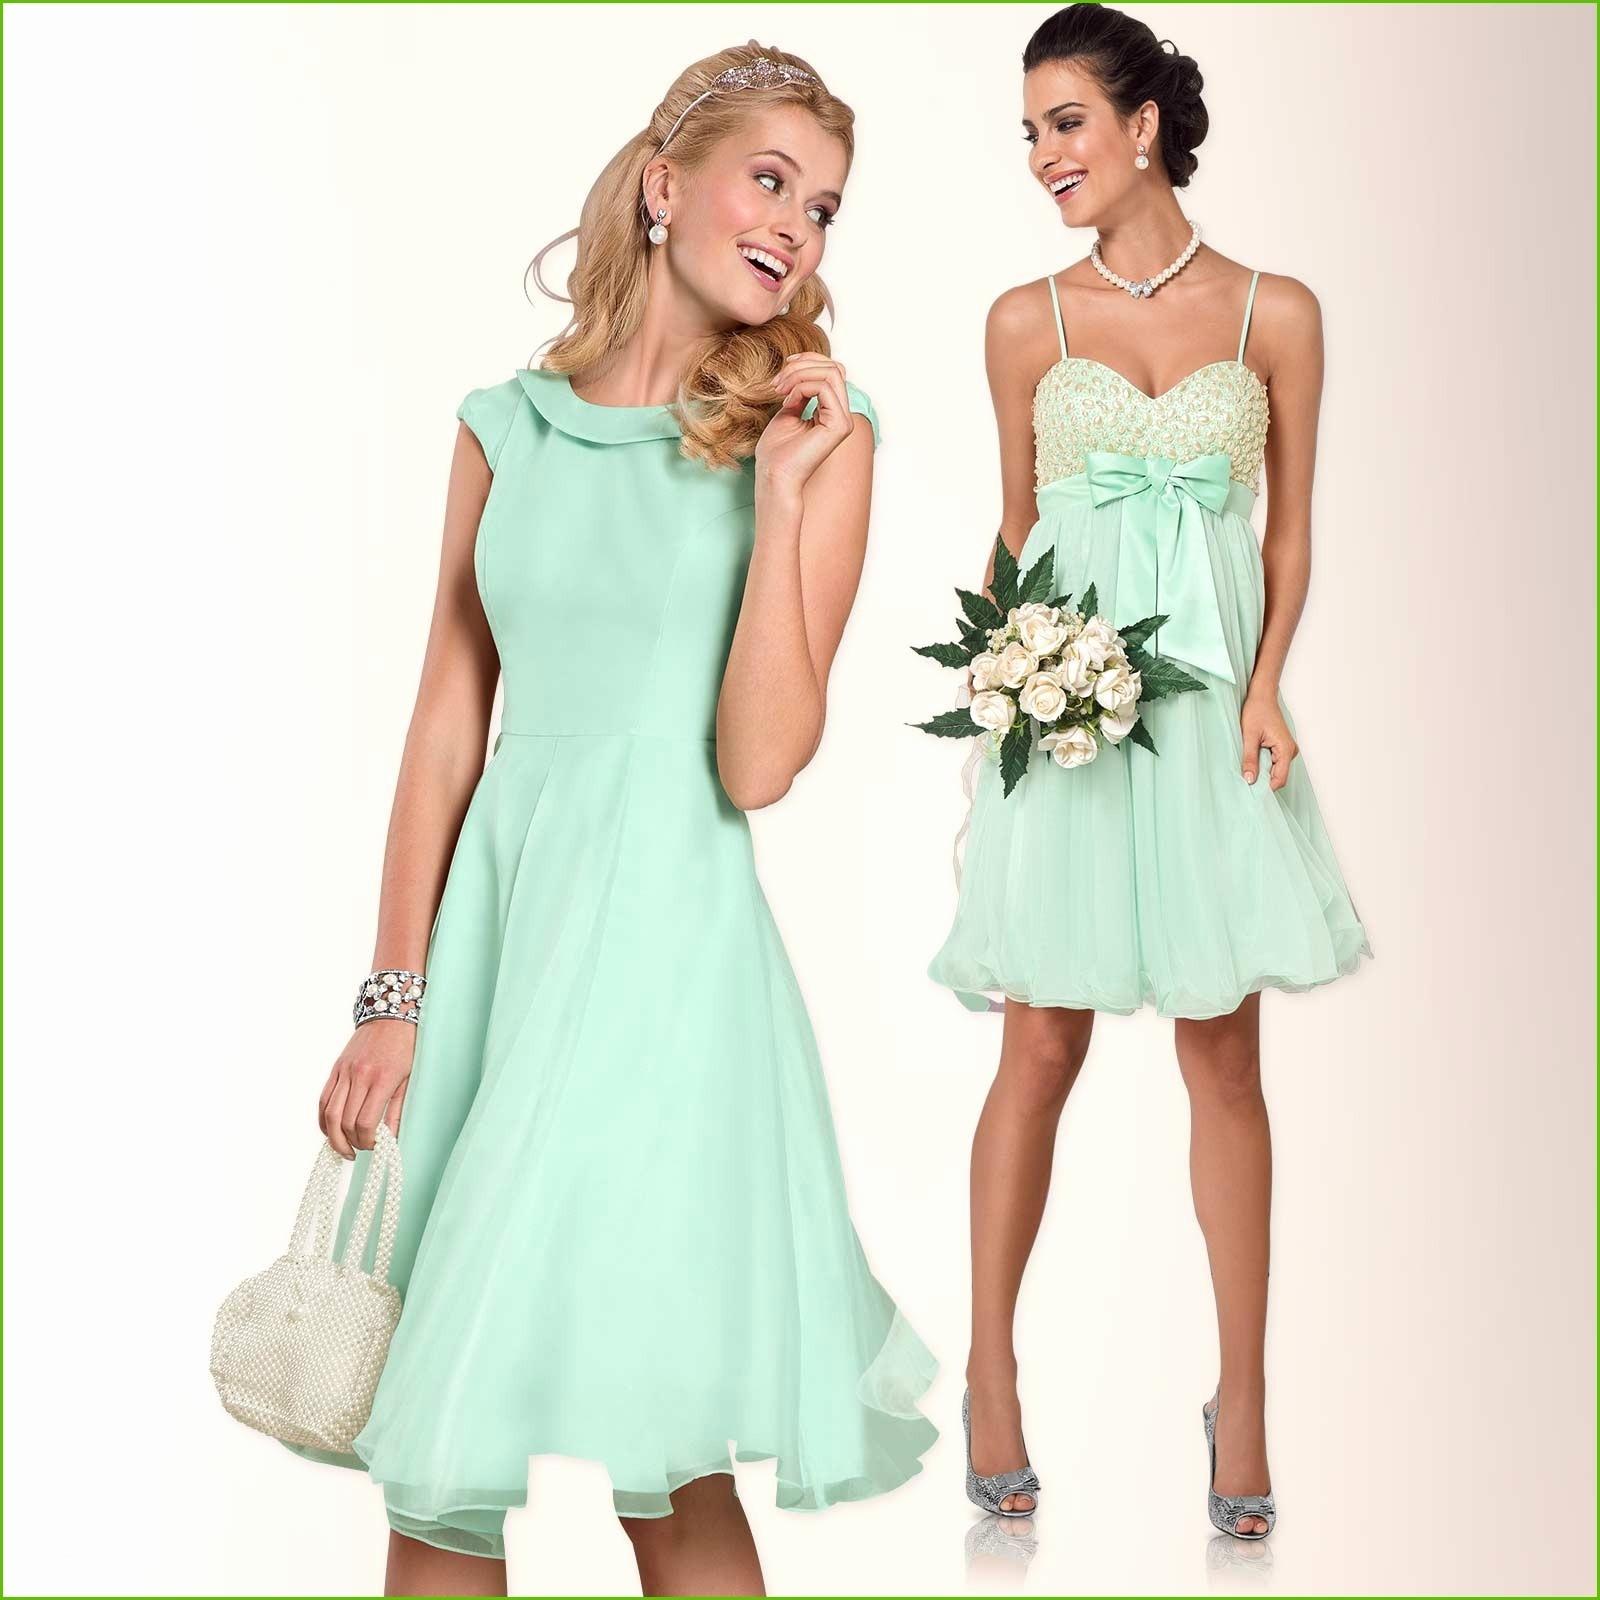 Schön Kleider Zur Hochzeit Als Gast Günstig Stylish - Abendkleid